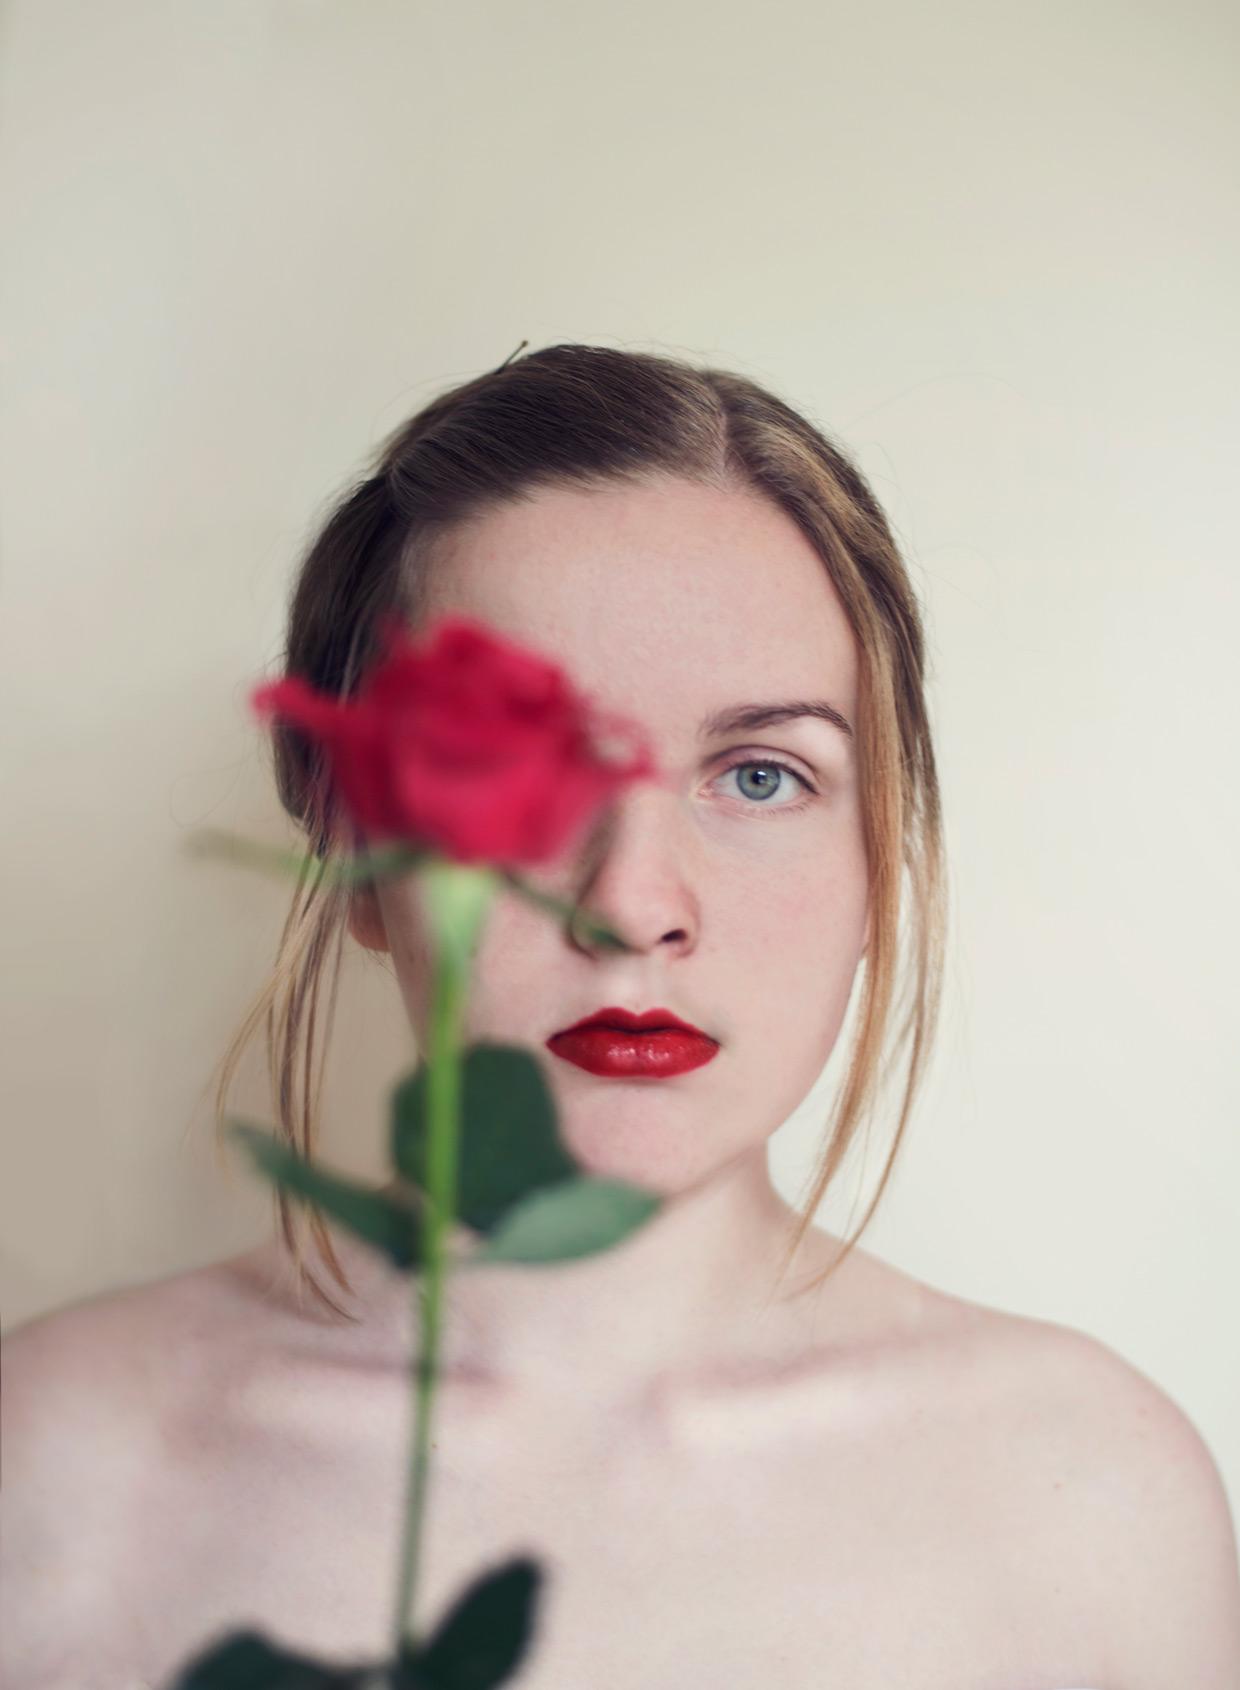 by Marissa Alden